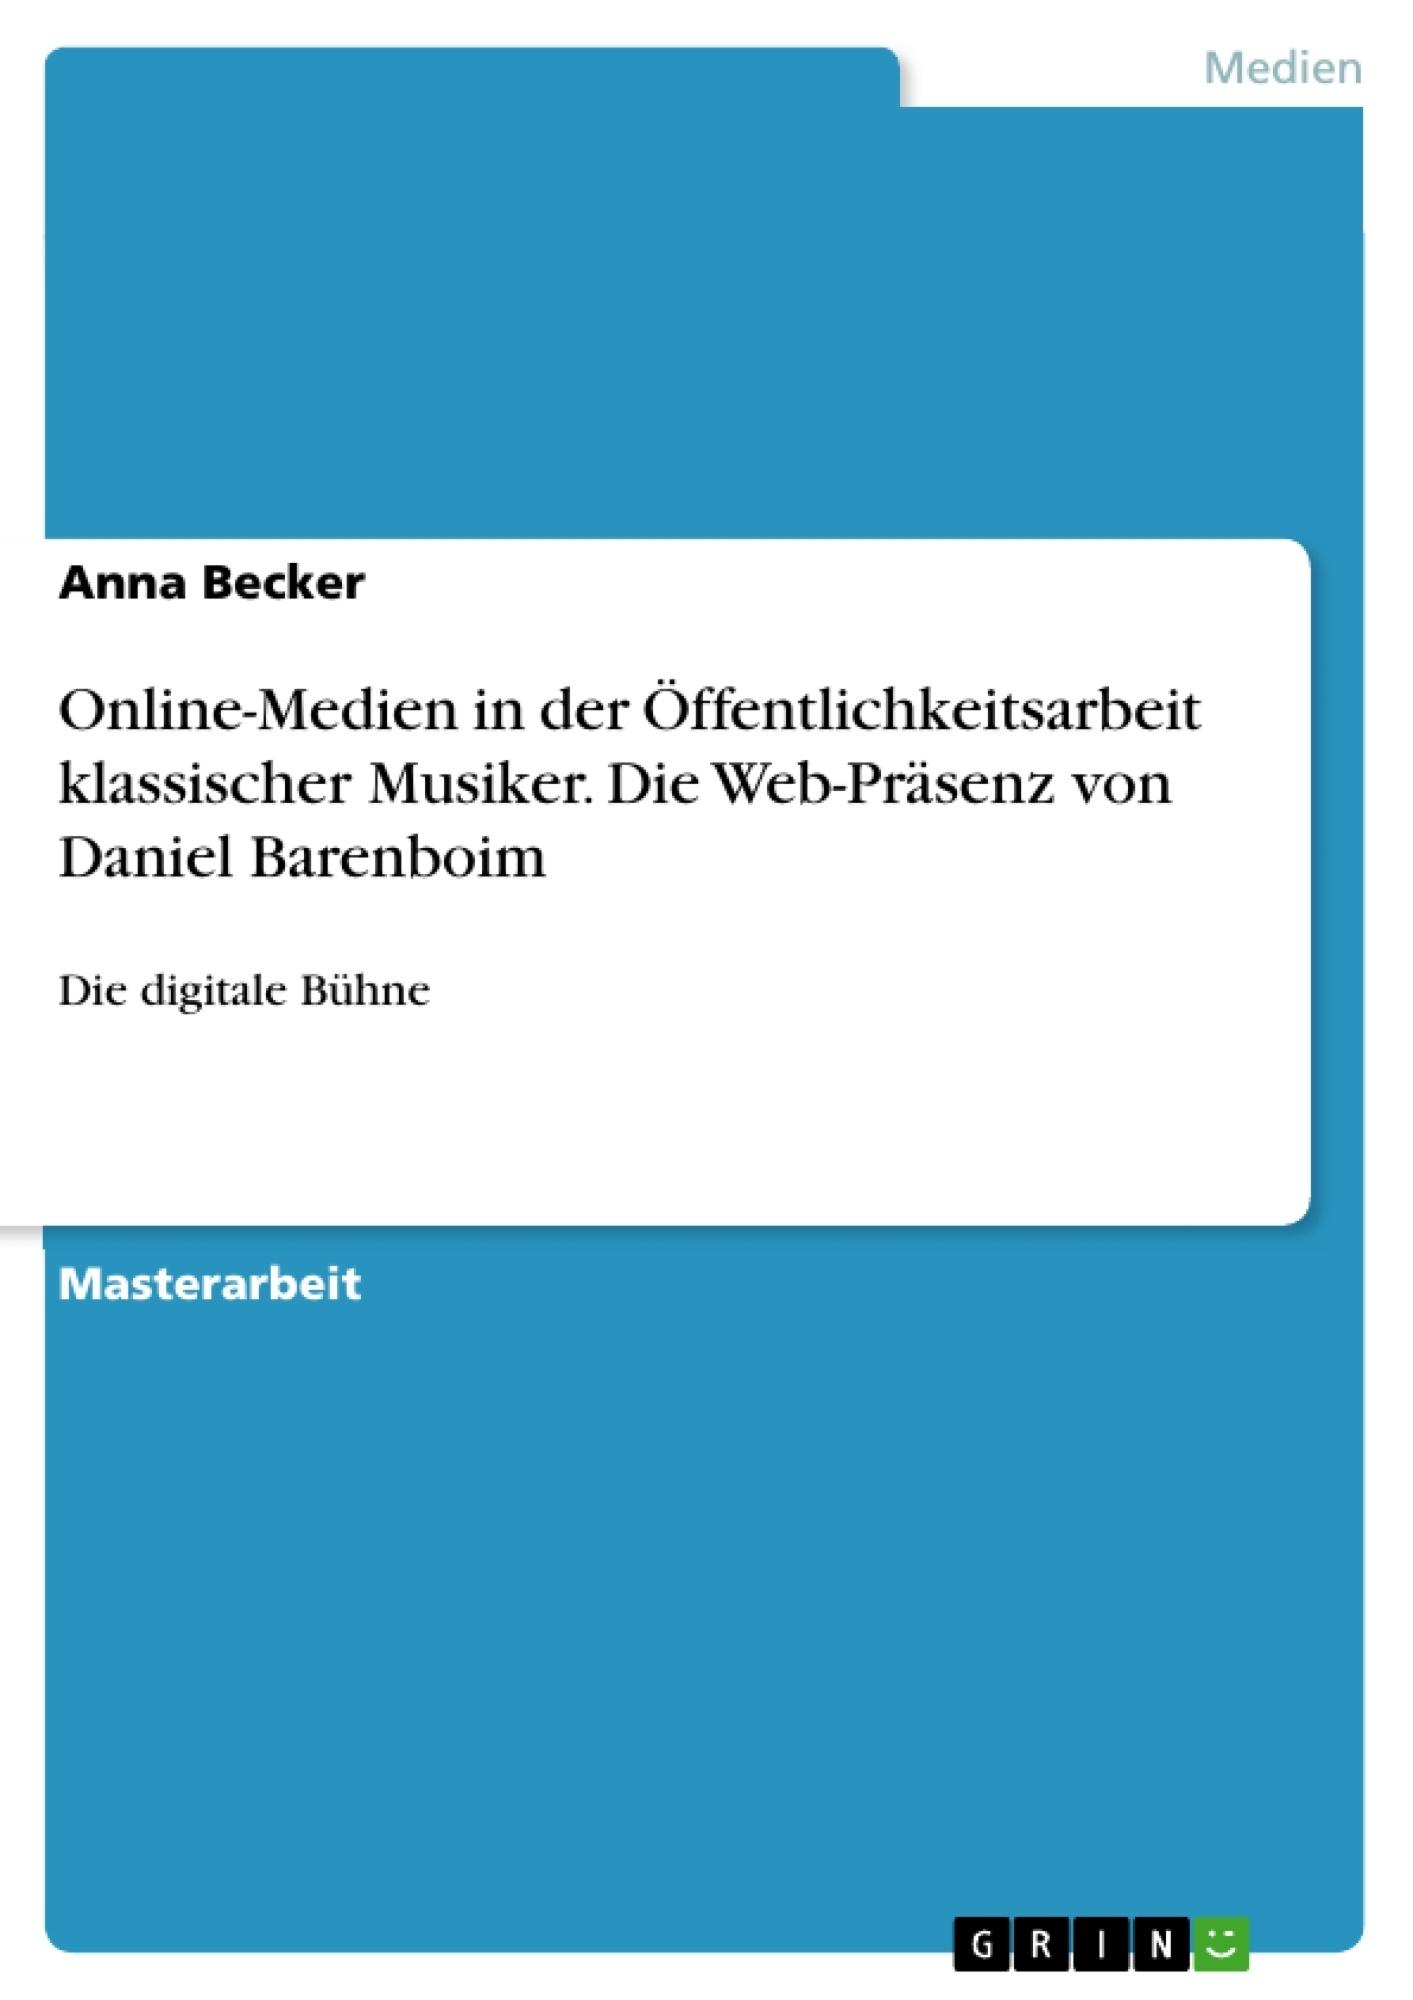 Titel: Online-Medien in der Öffentlichkeitsarbeit klassischer Musiker. Die Web-Präsenz von Daniel Barenboim